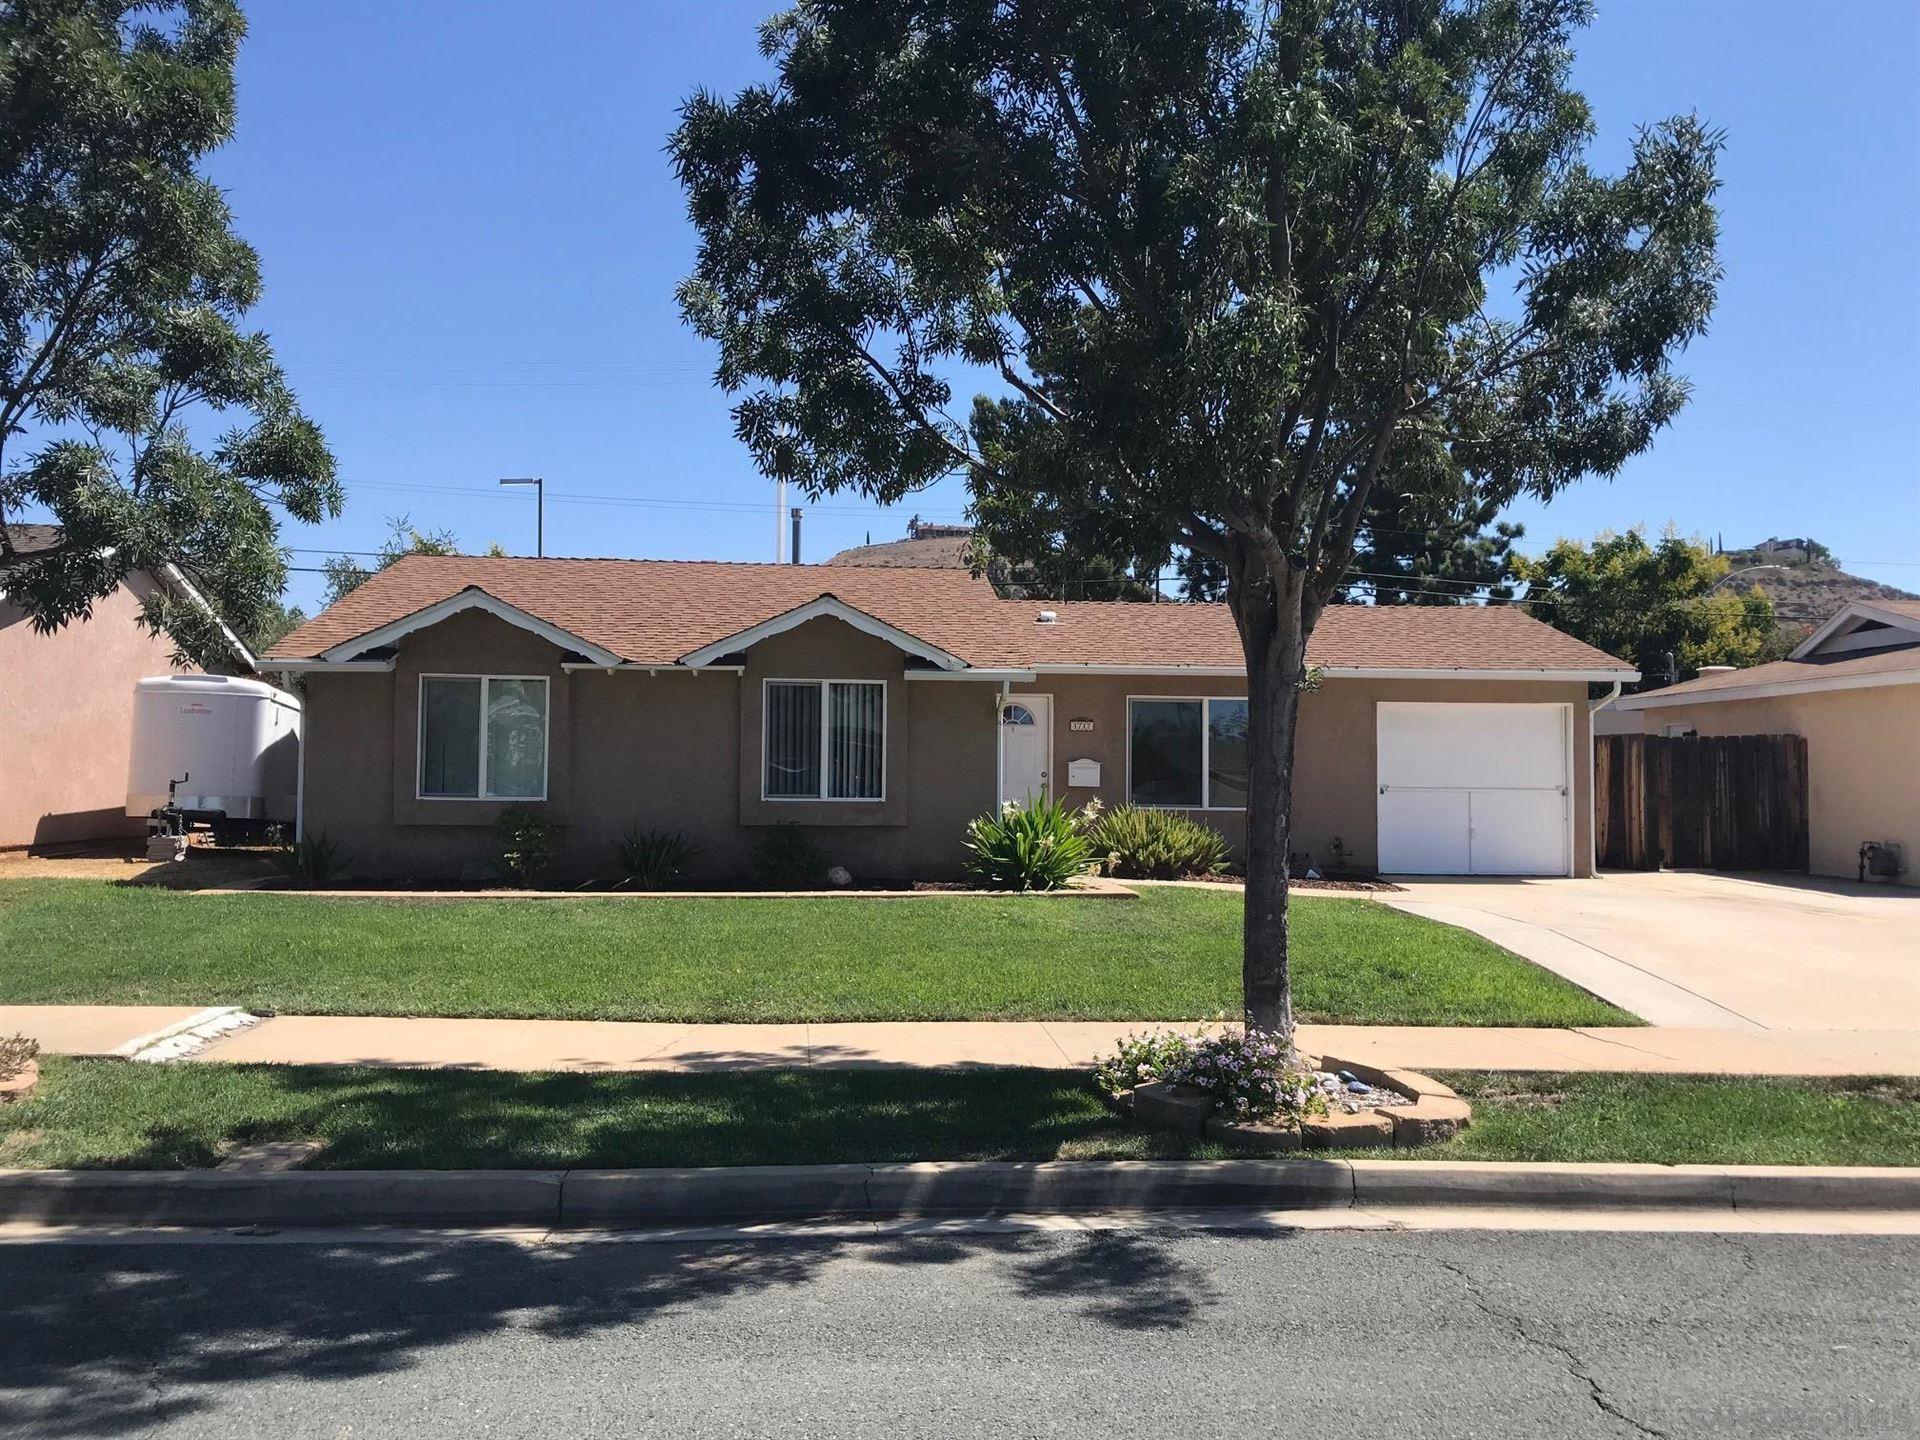 Photo of 1717 Woodburn St, El Cajon, CA 92021 (MLS # 210026013)